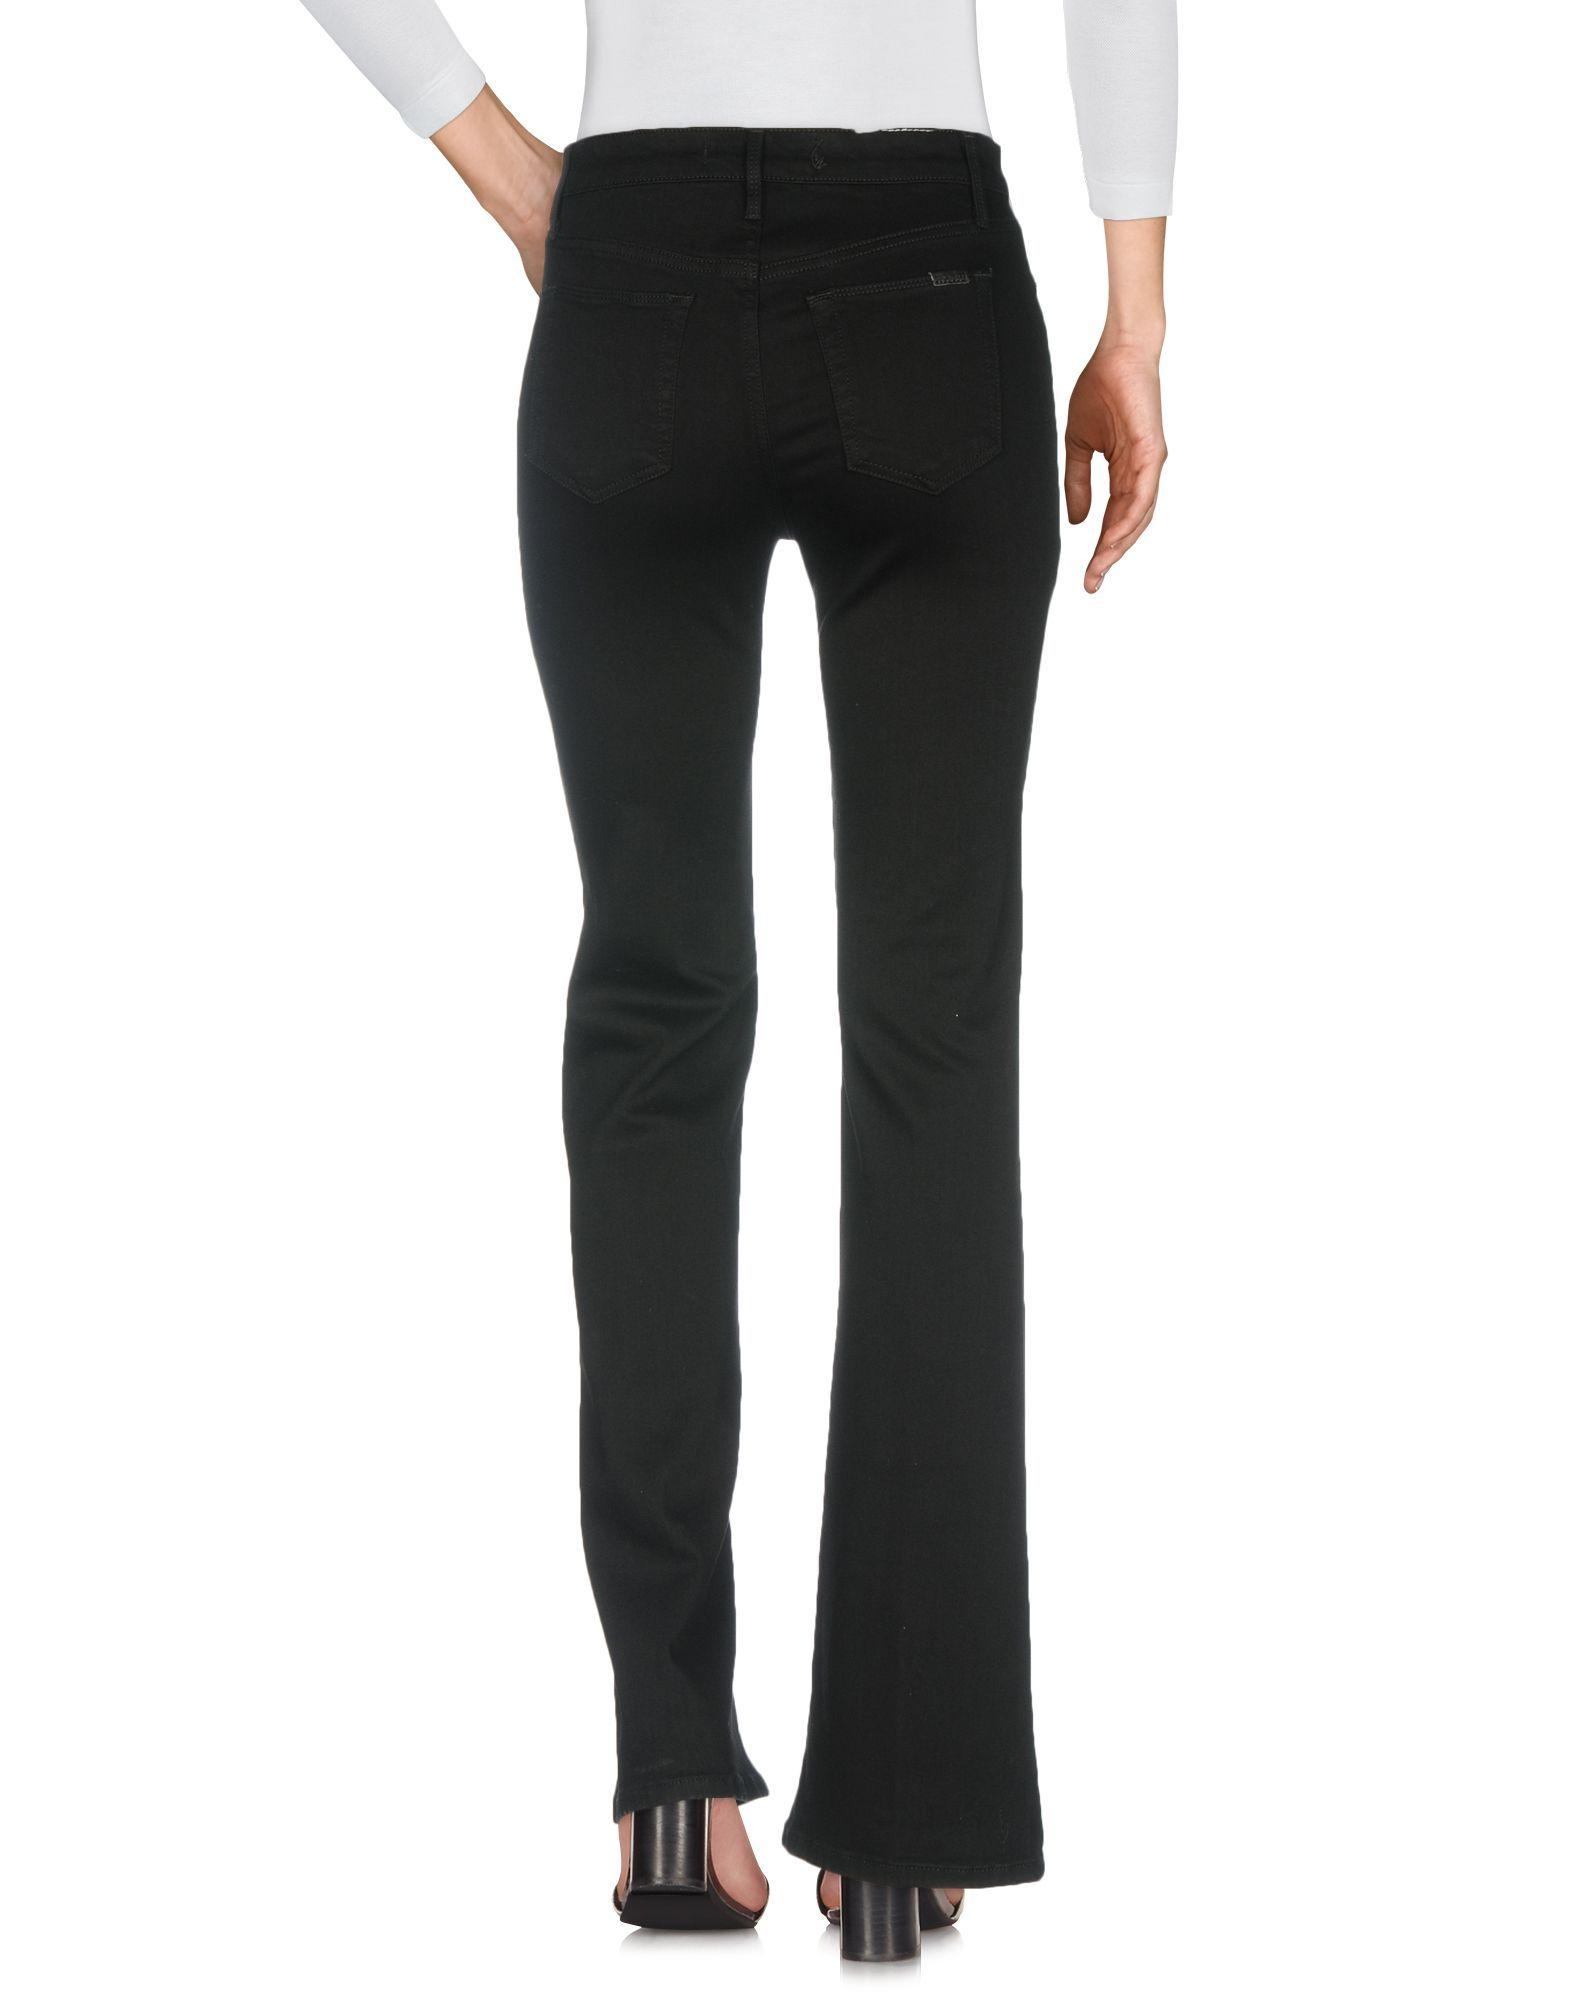 DENIM Joe'S Jeans Black Woman Rayon